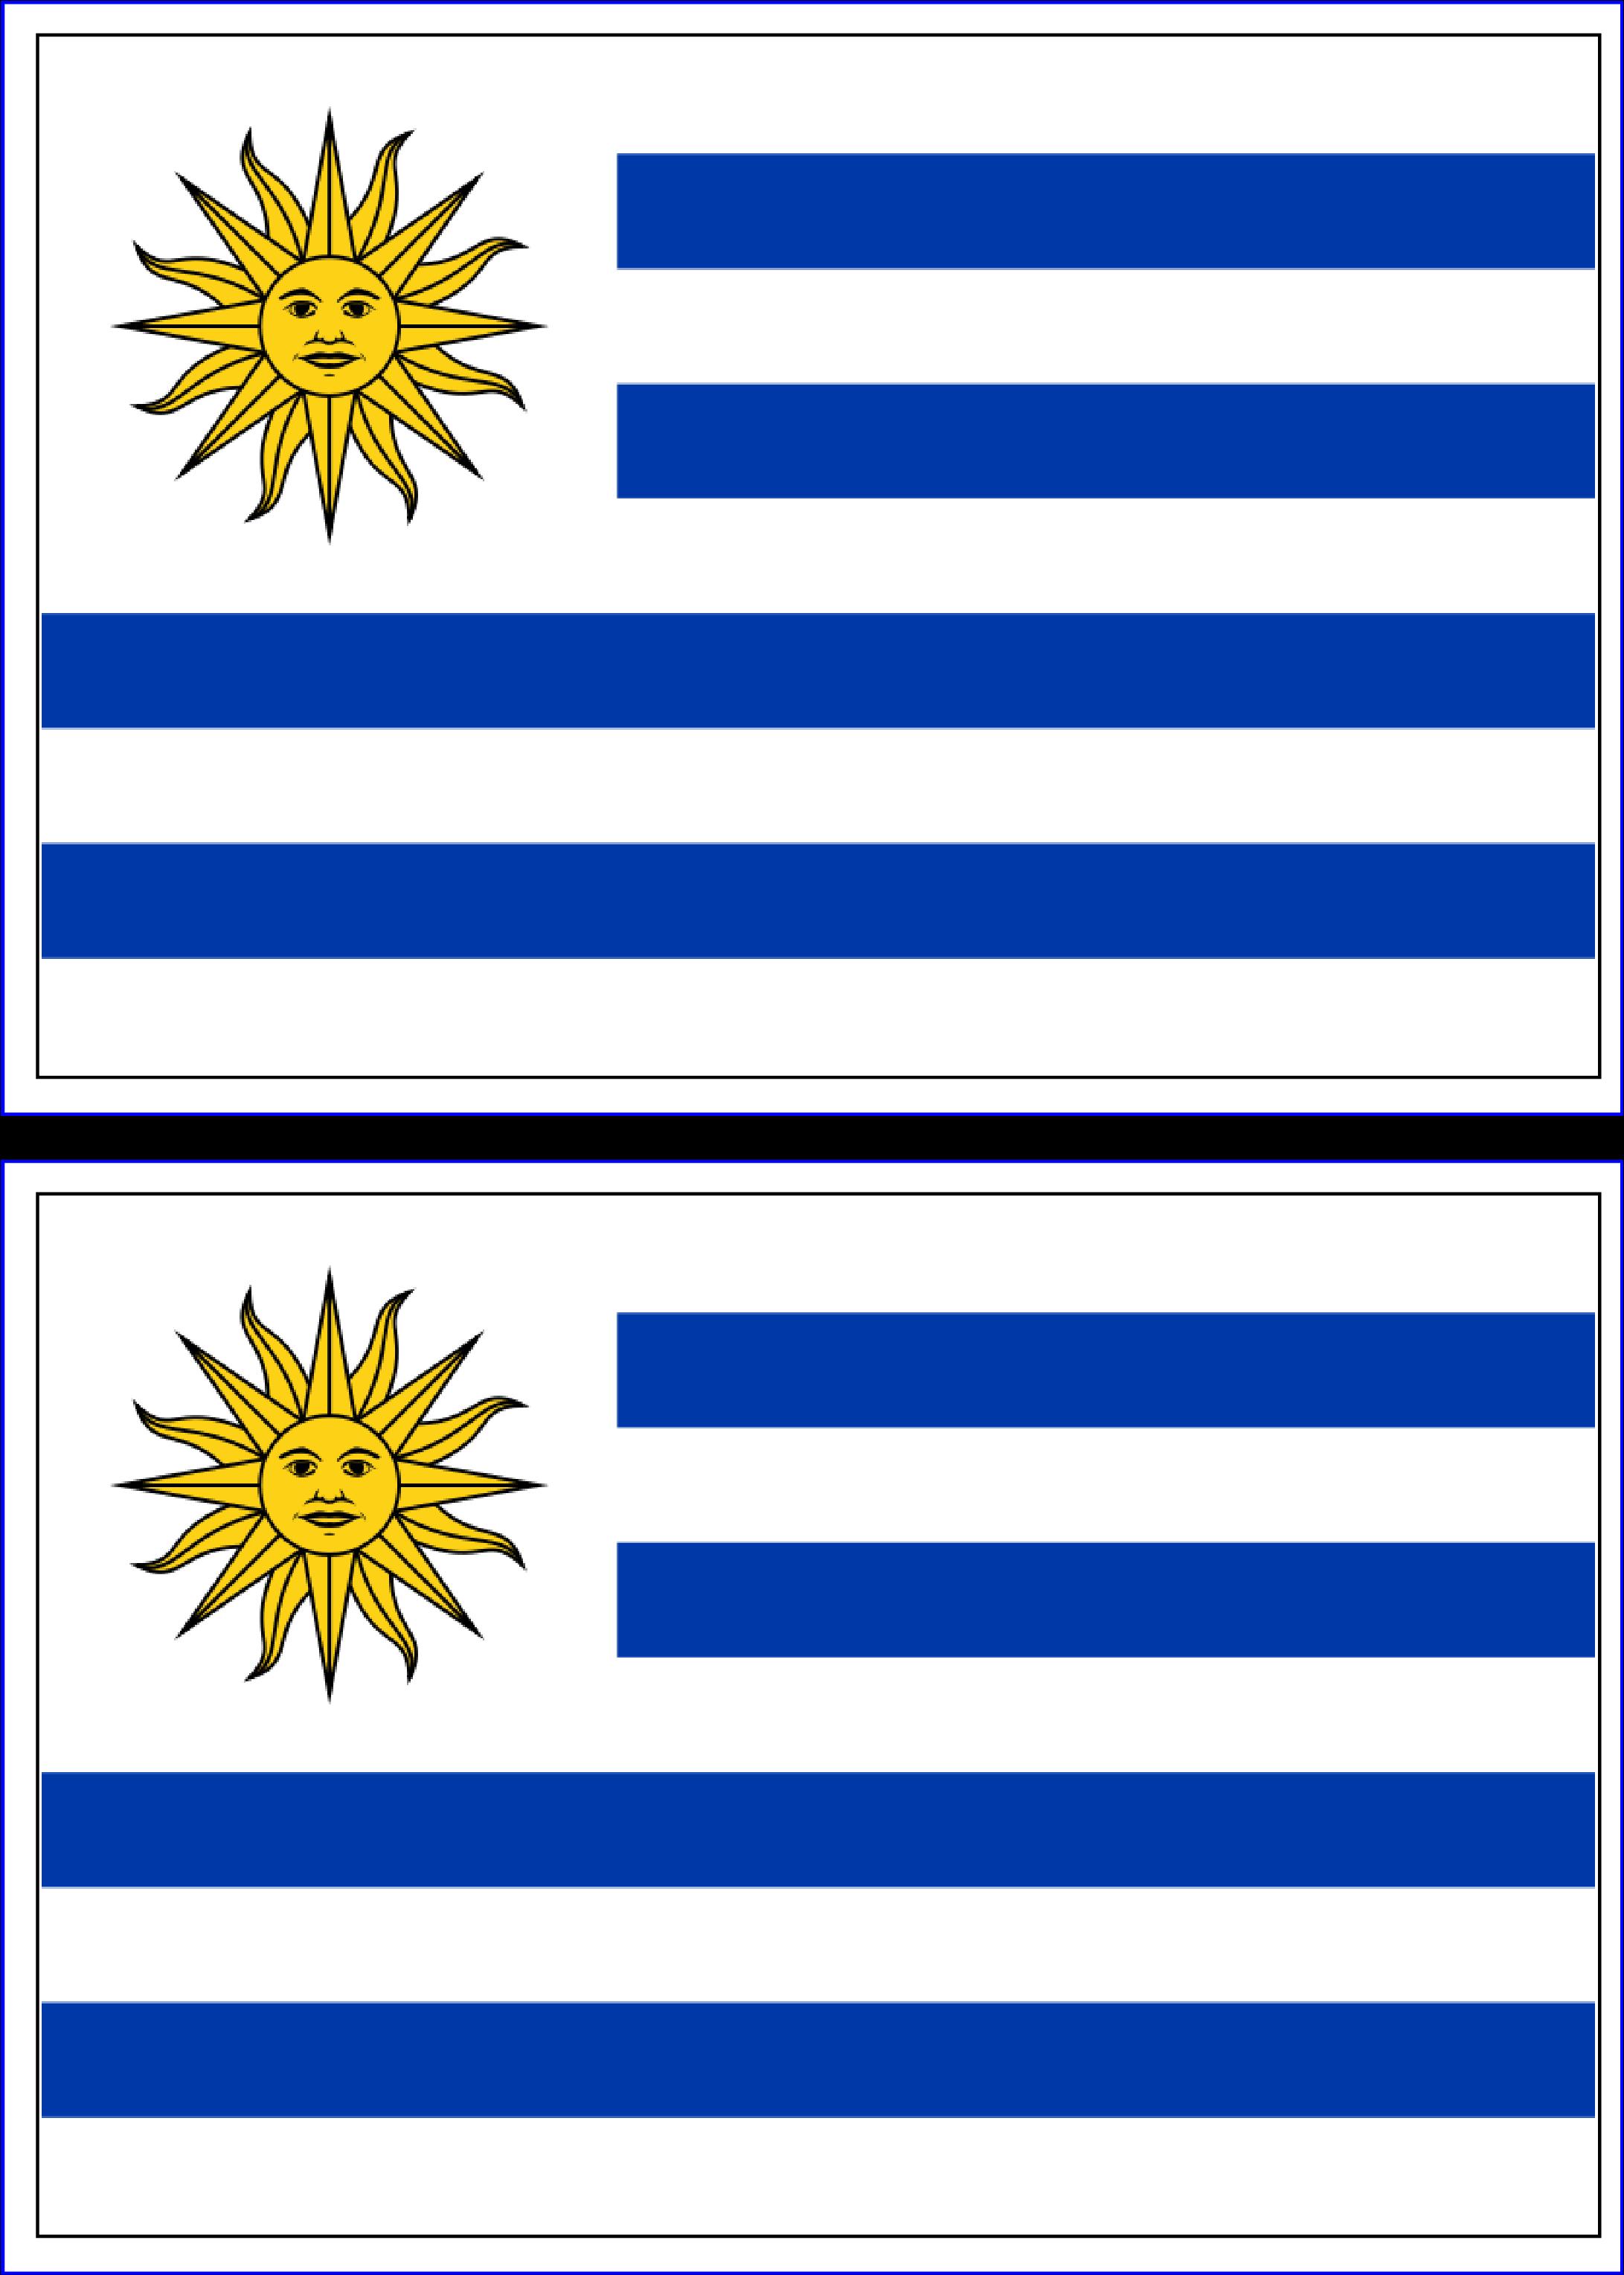 Bandera De Uruguay Sorgusuna Uygun Resimleri Bedava Indir